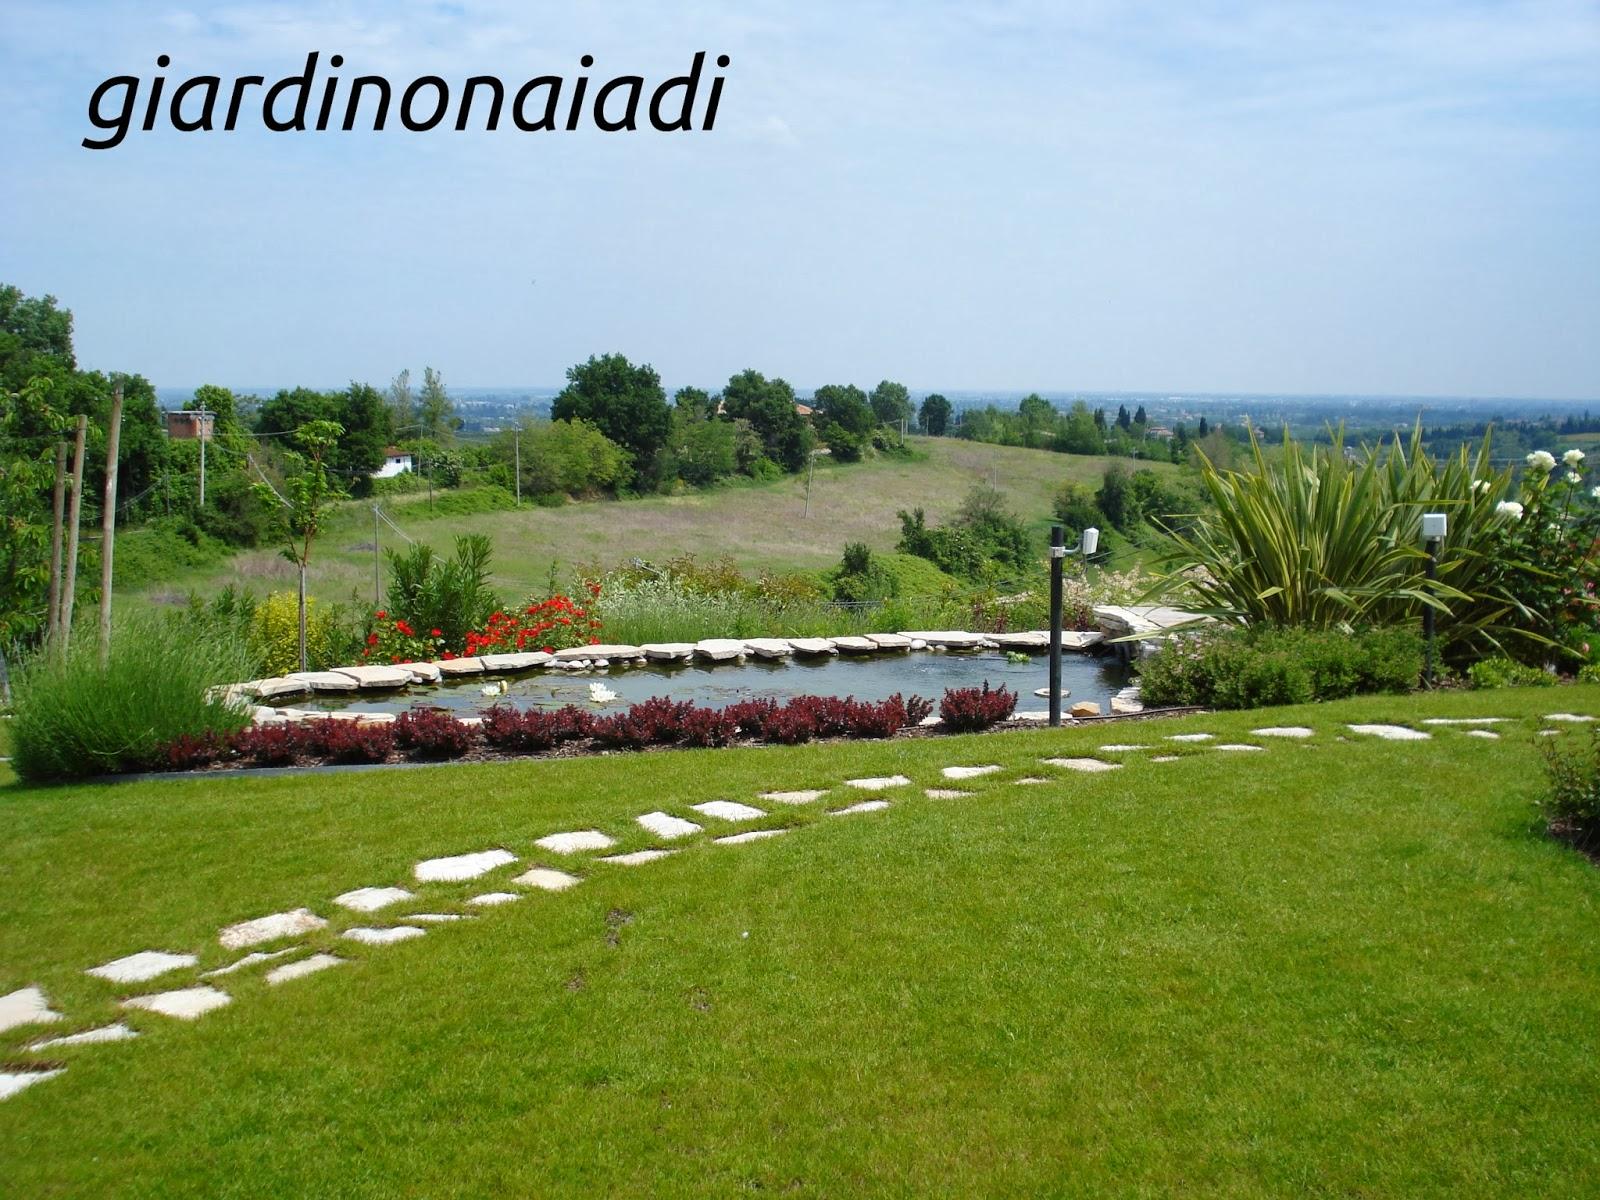 Il giardino delle Naiadi: DUE PASSI IN GIARDINO seconda parte